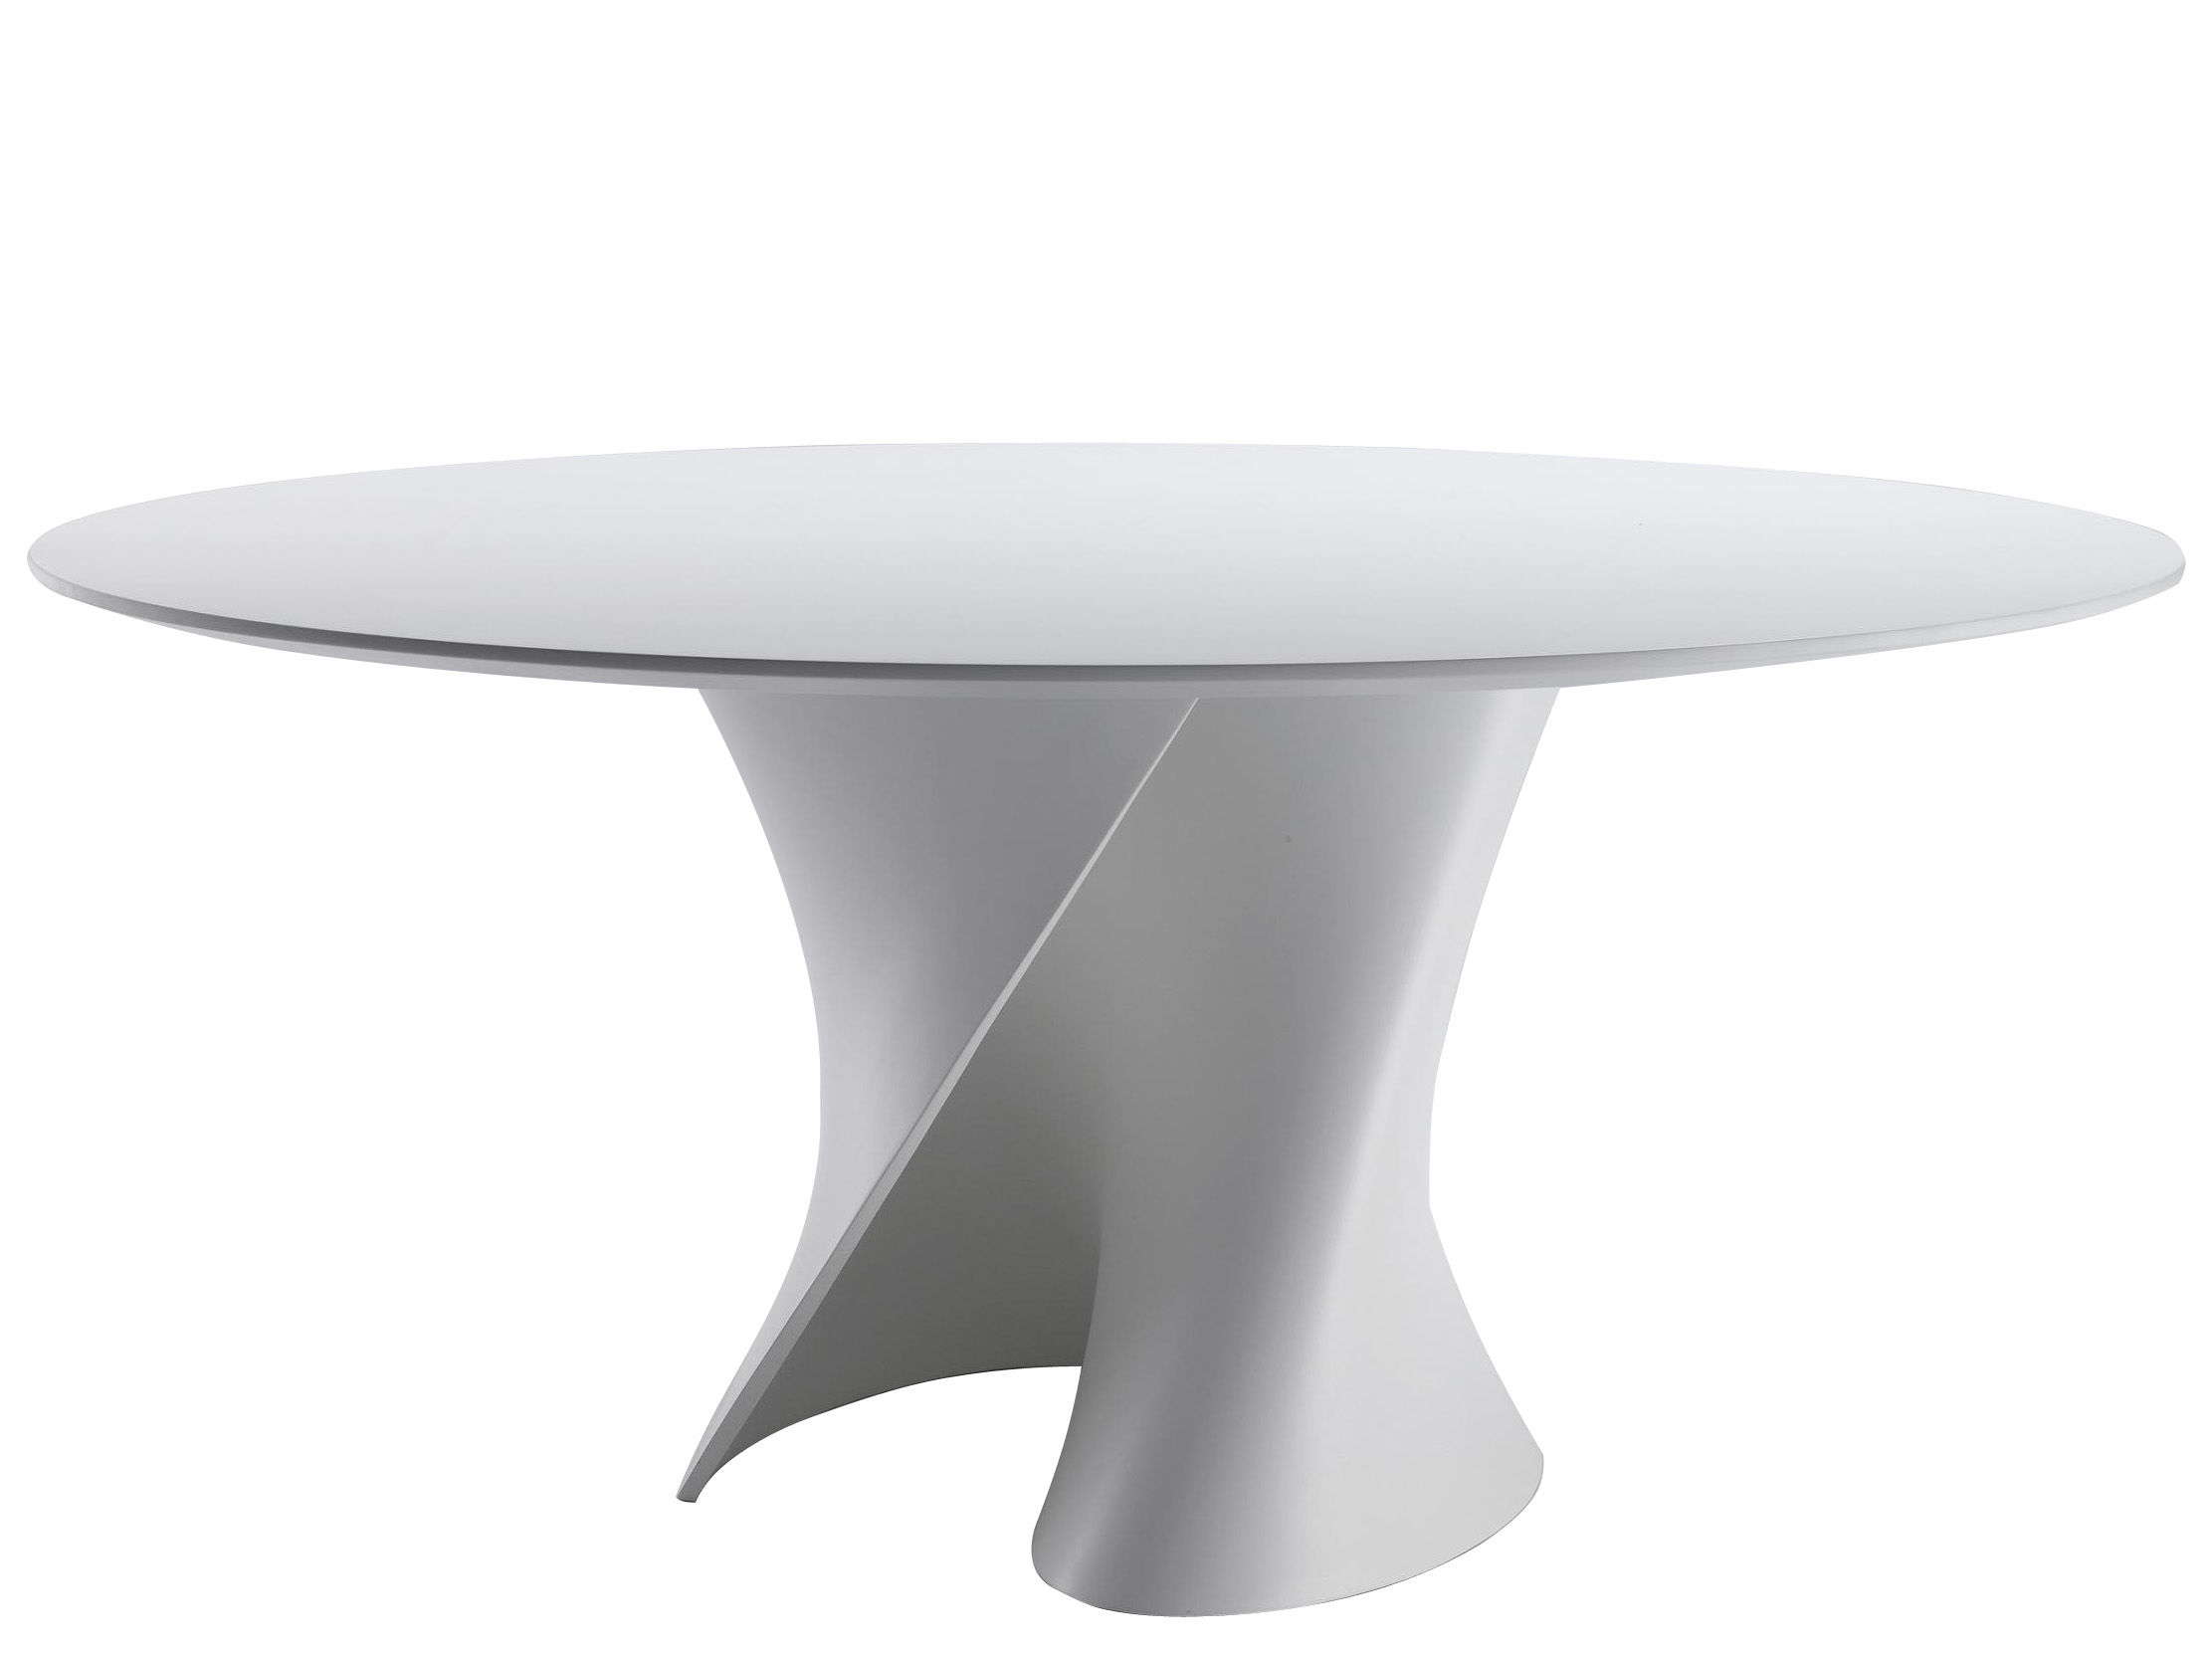 016e4c16-9d76-40d7-957c-ea11cde39109 Unique De Nappe Pour Table Basse Schème